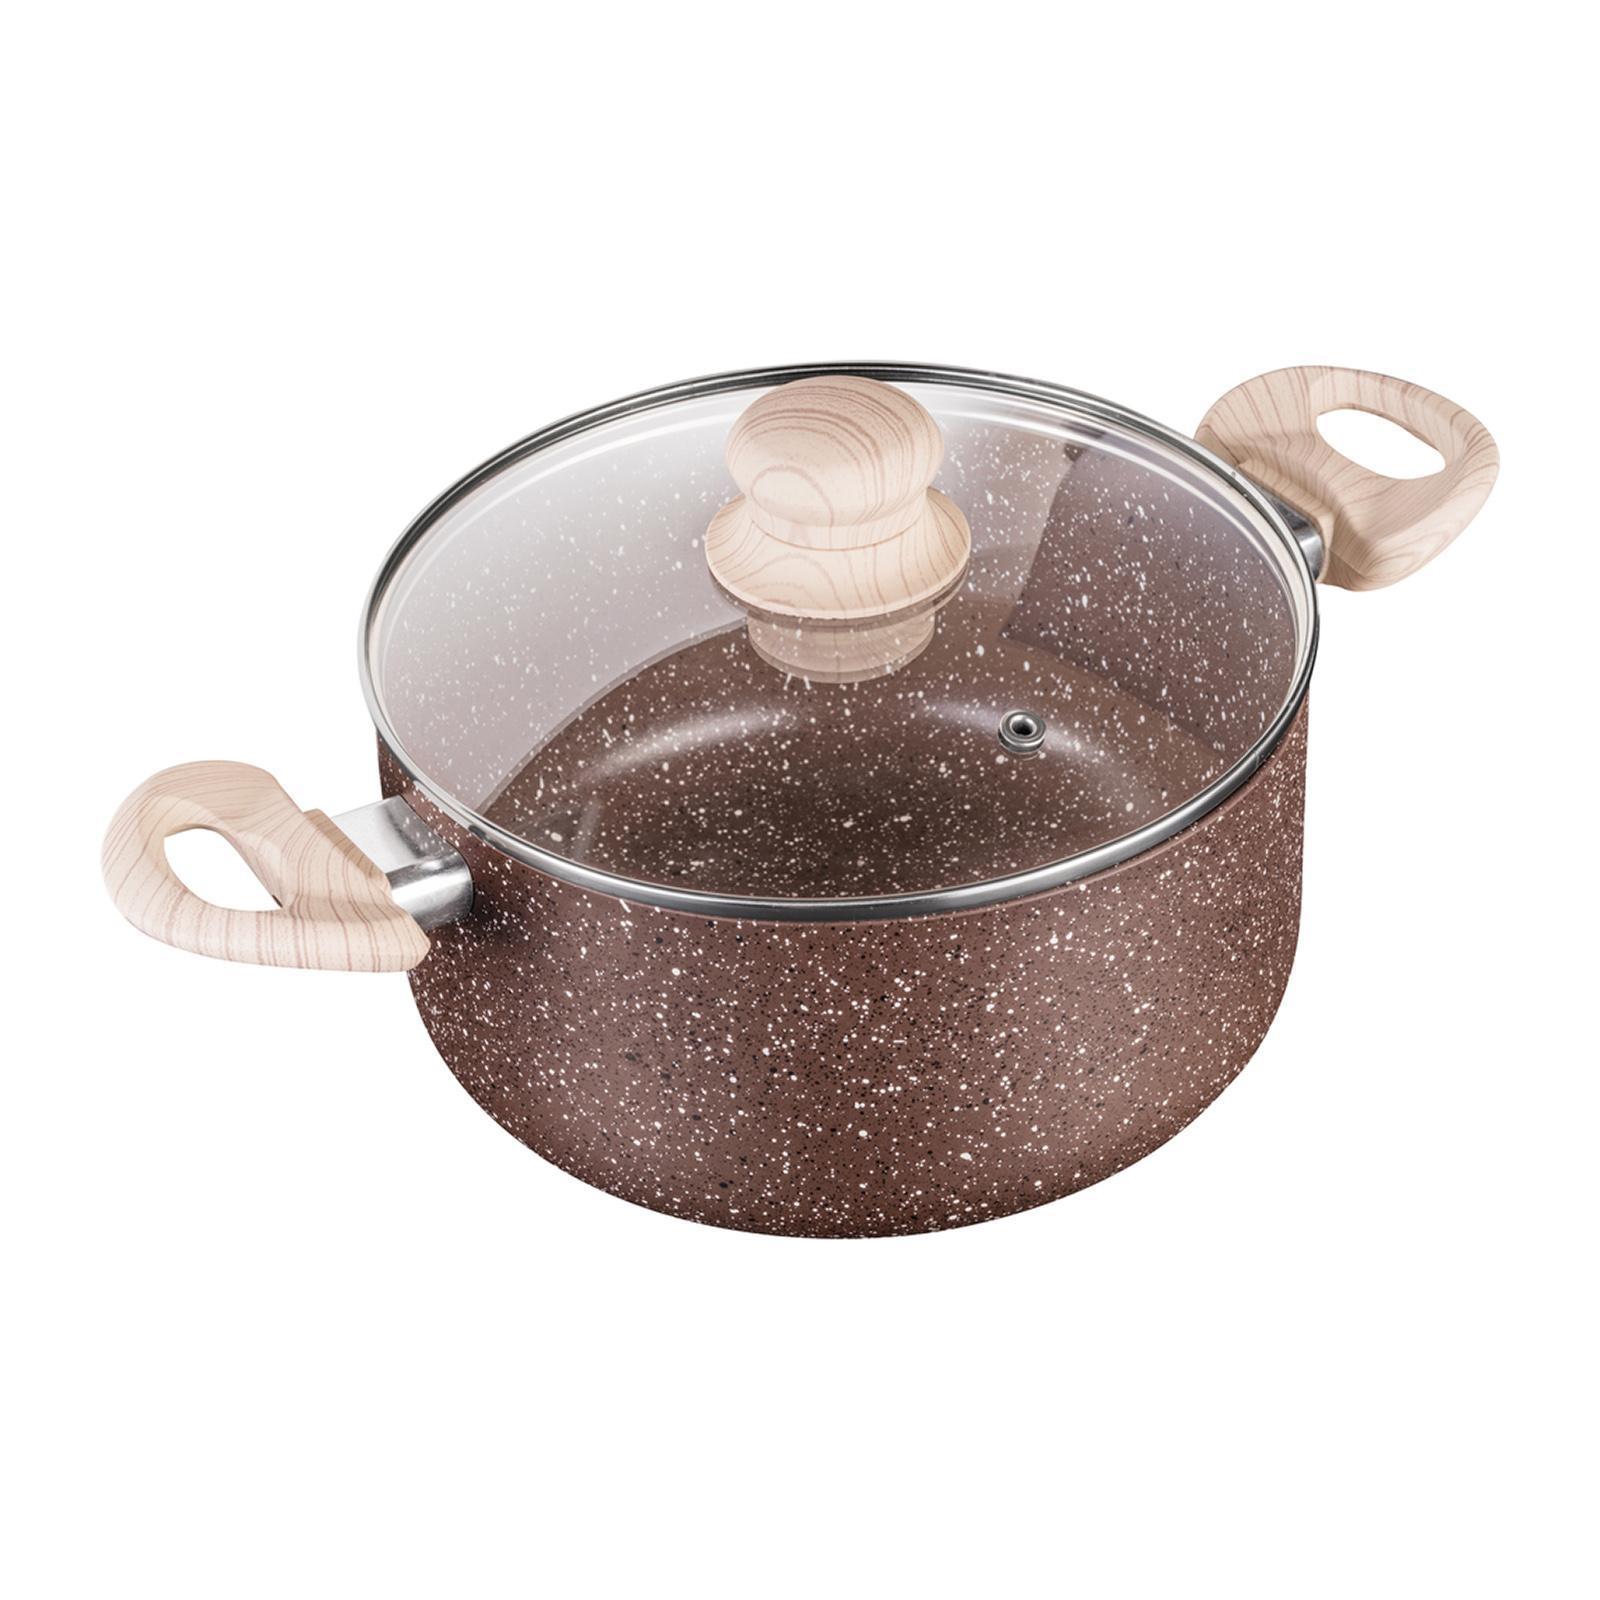 Lamart Casserole W/Lid 24Cm Marble (Brown)